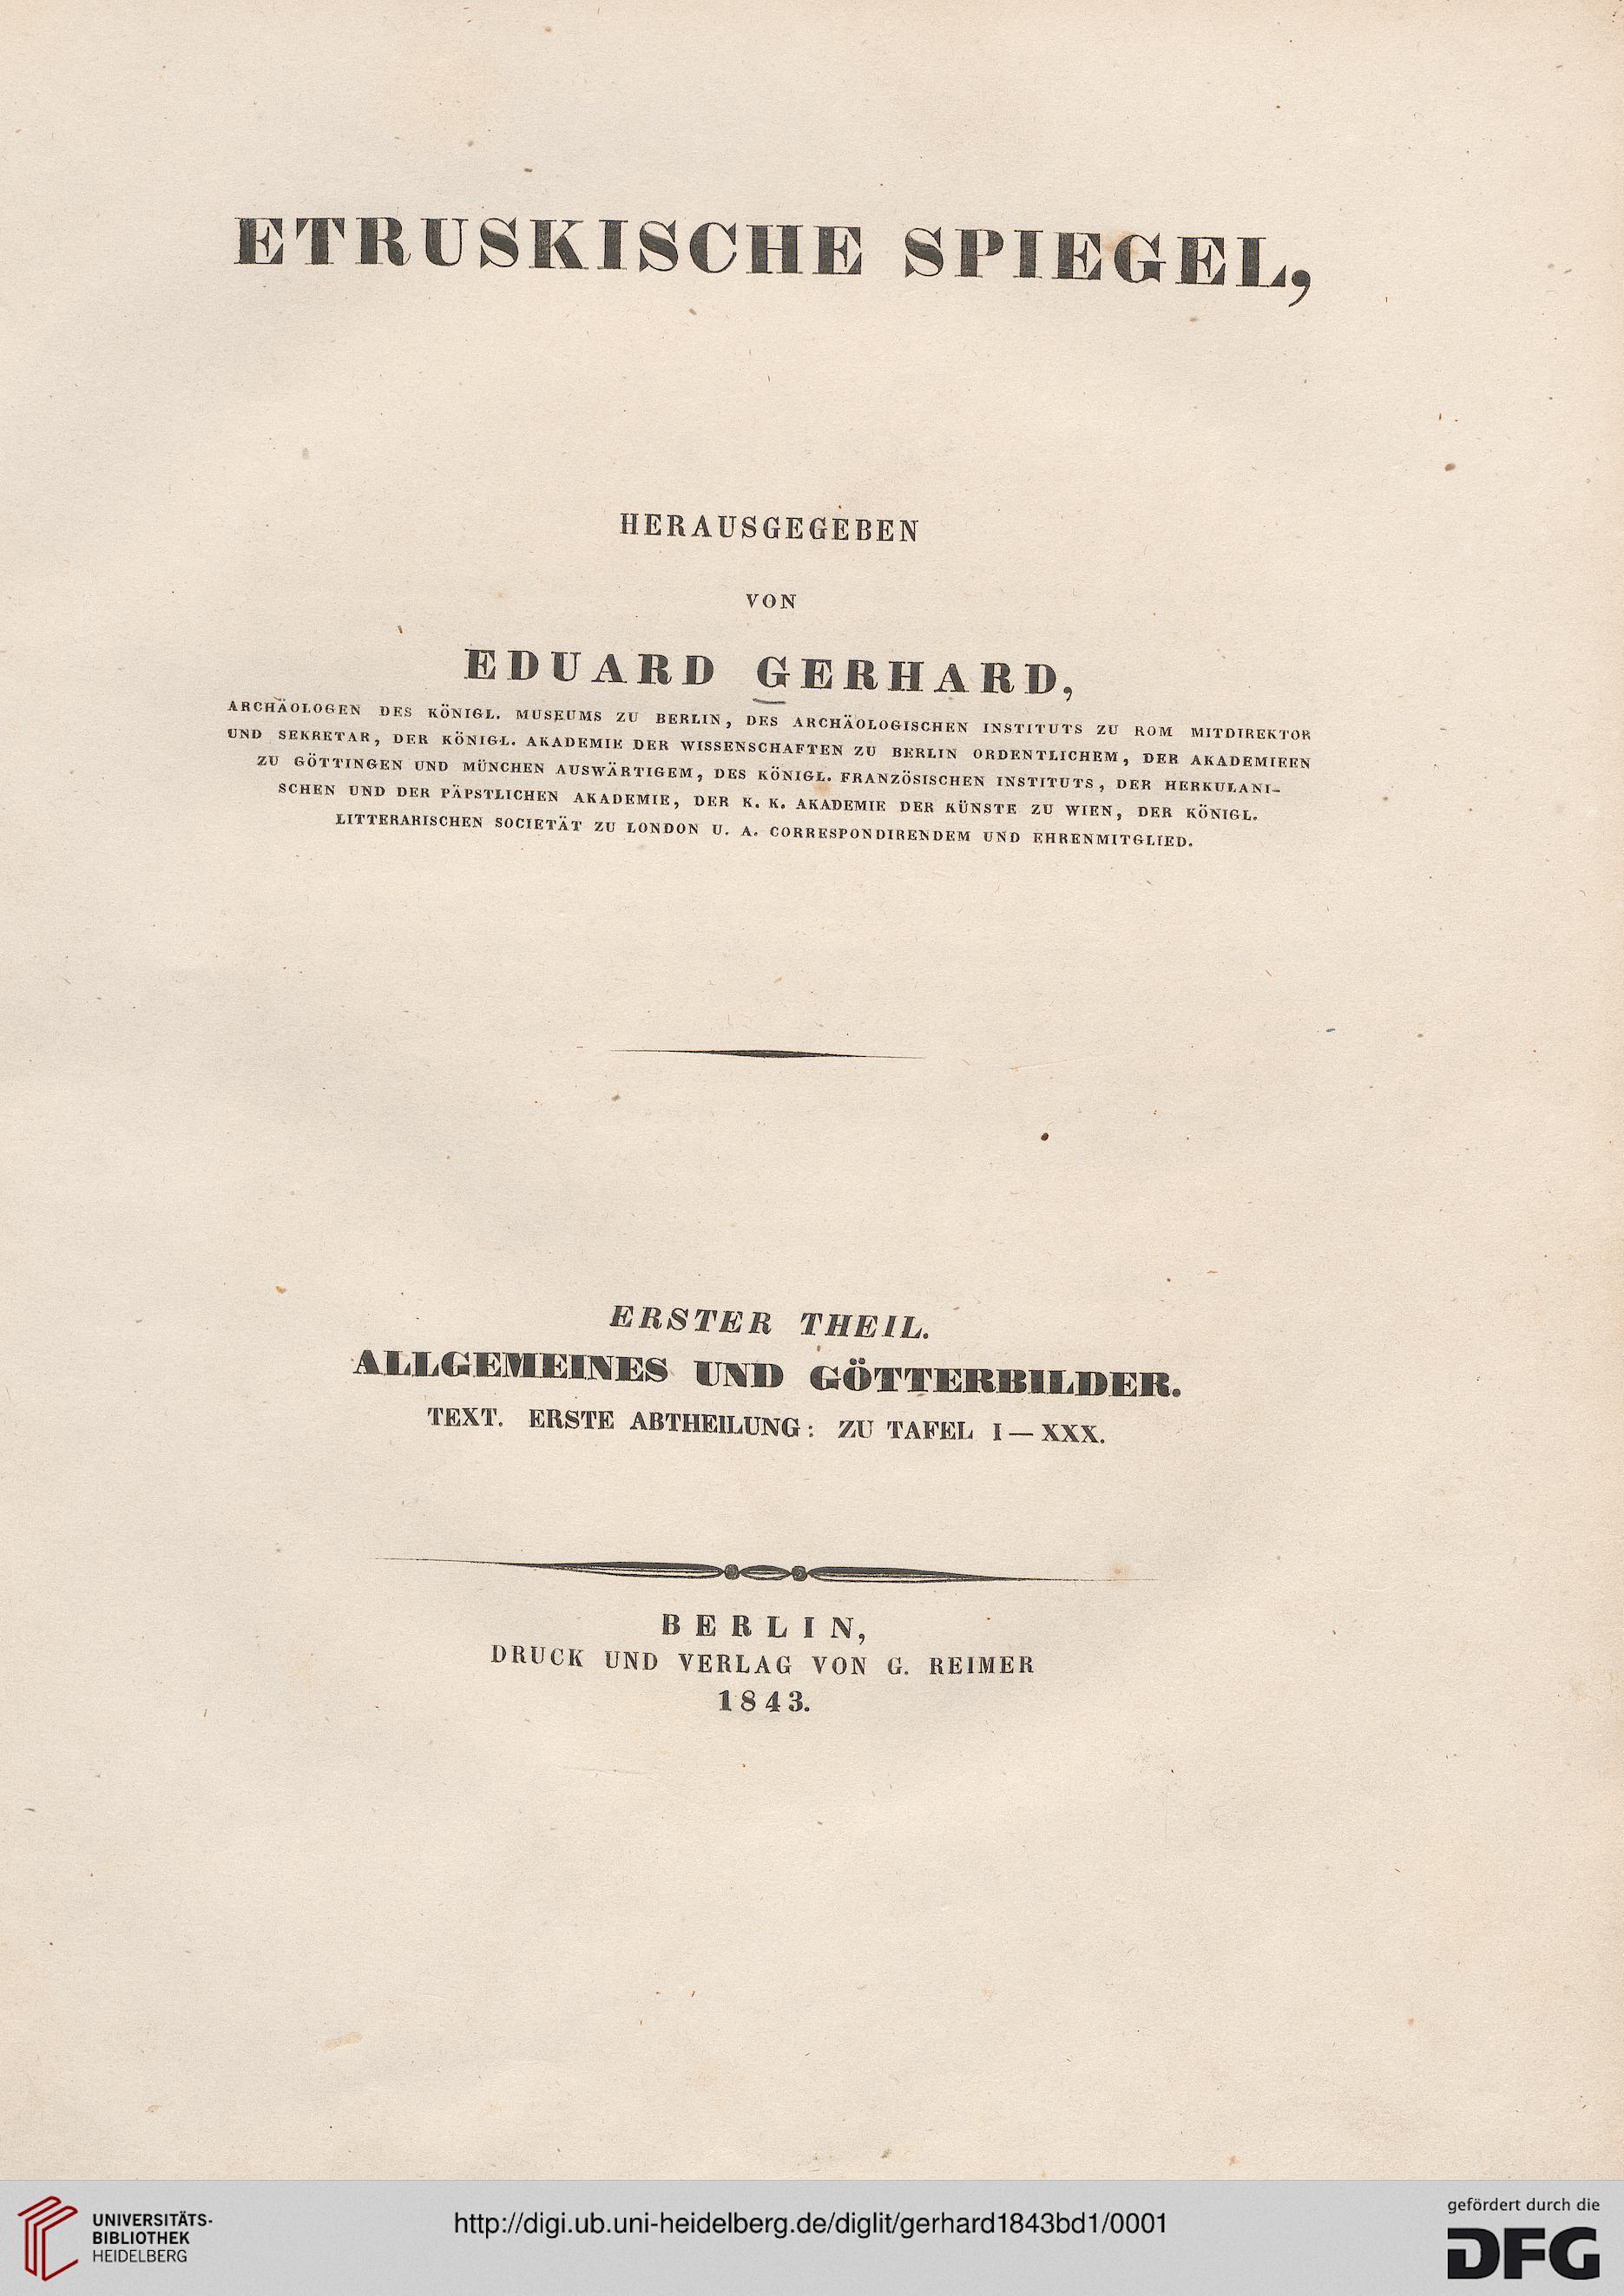 Gerhard eduard hrsg etruskische spiegel band 1 for Spiegel titelblatt